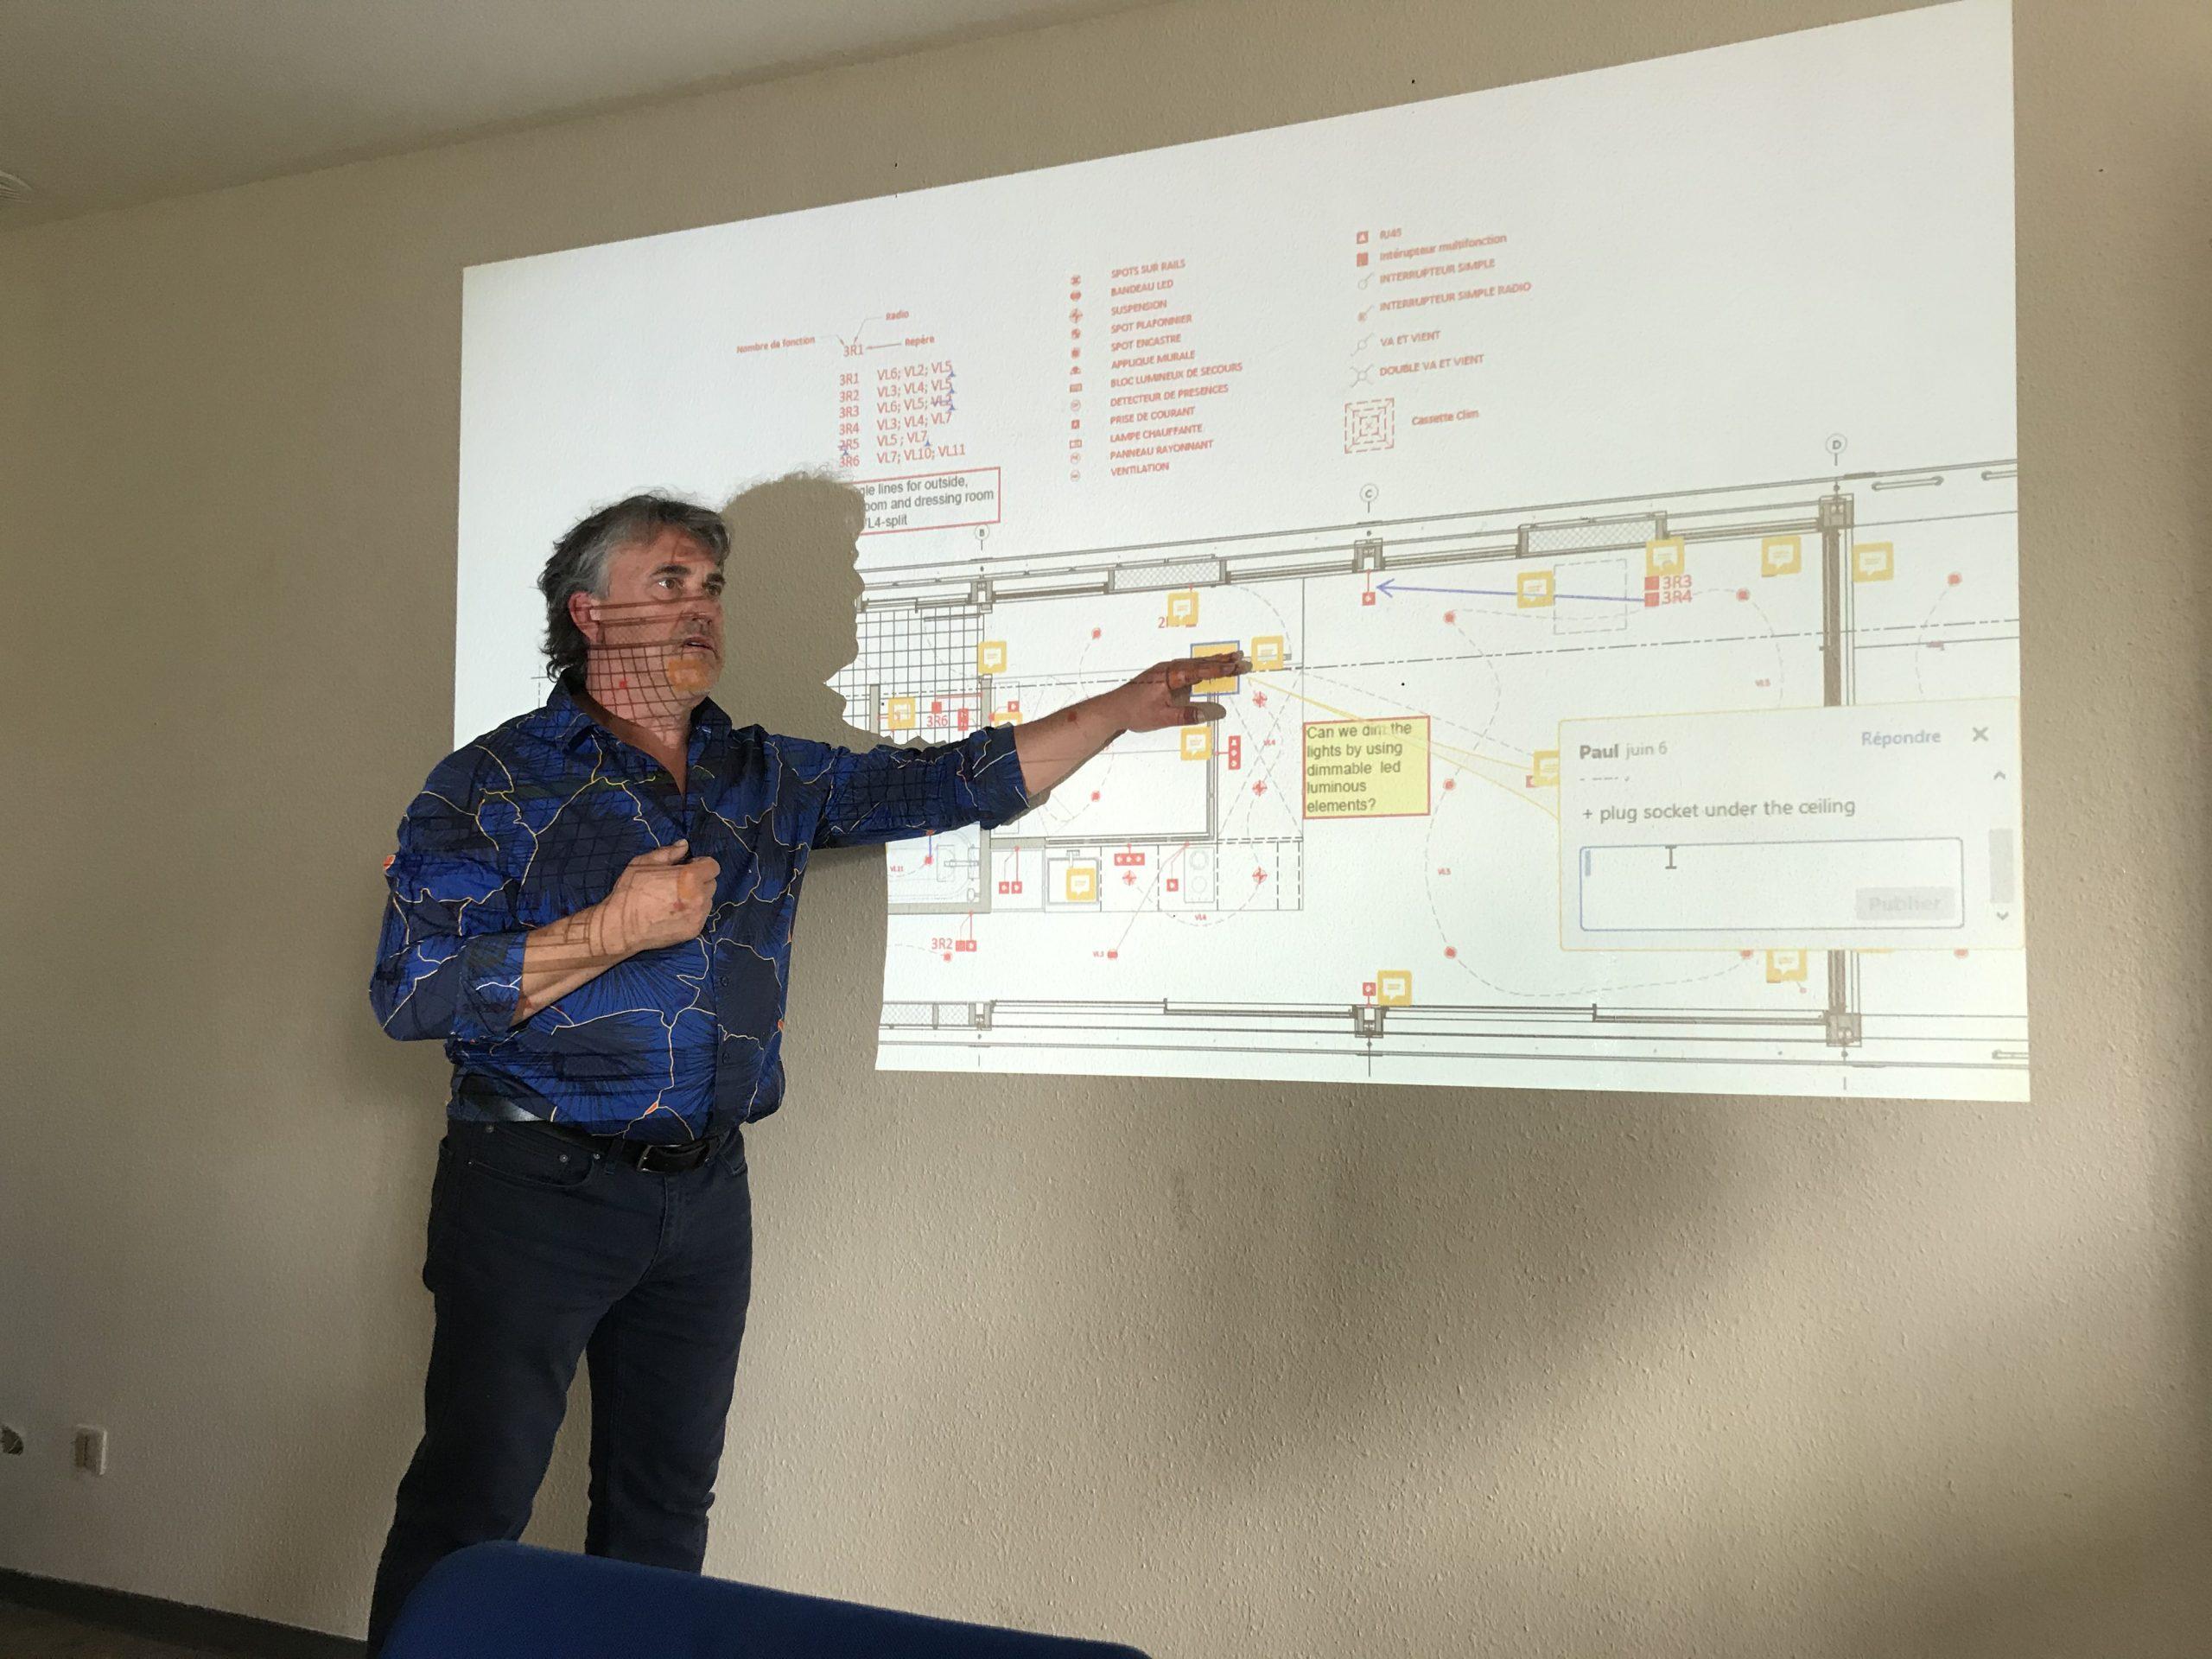 Detailplanung für den FLOATING WORKSPACE